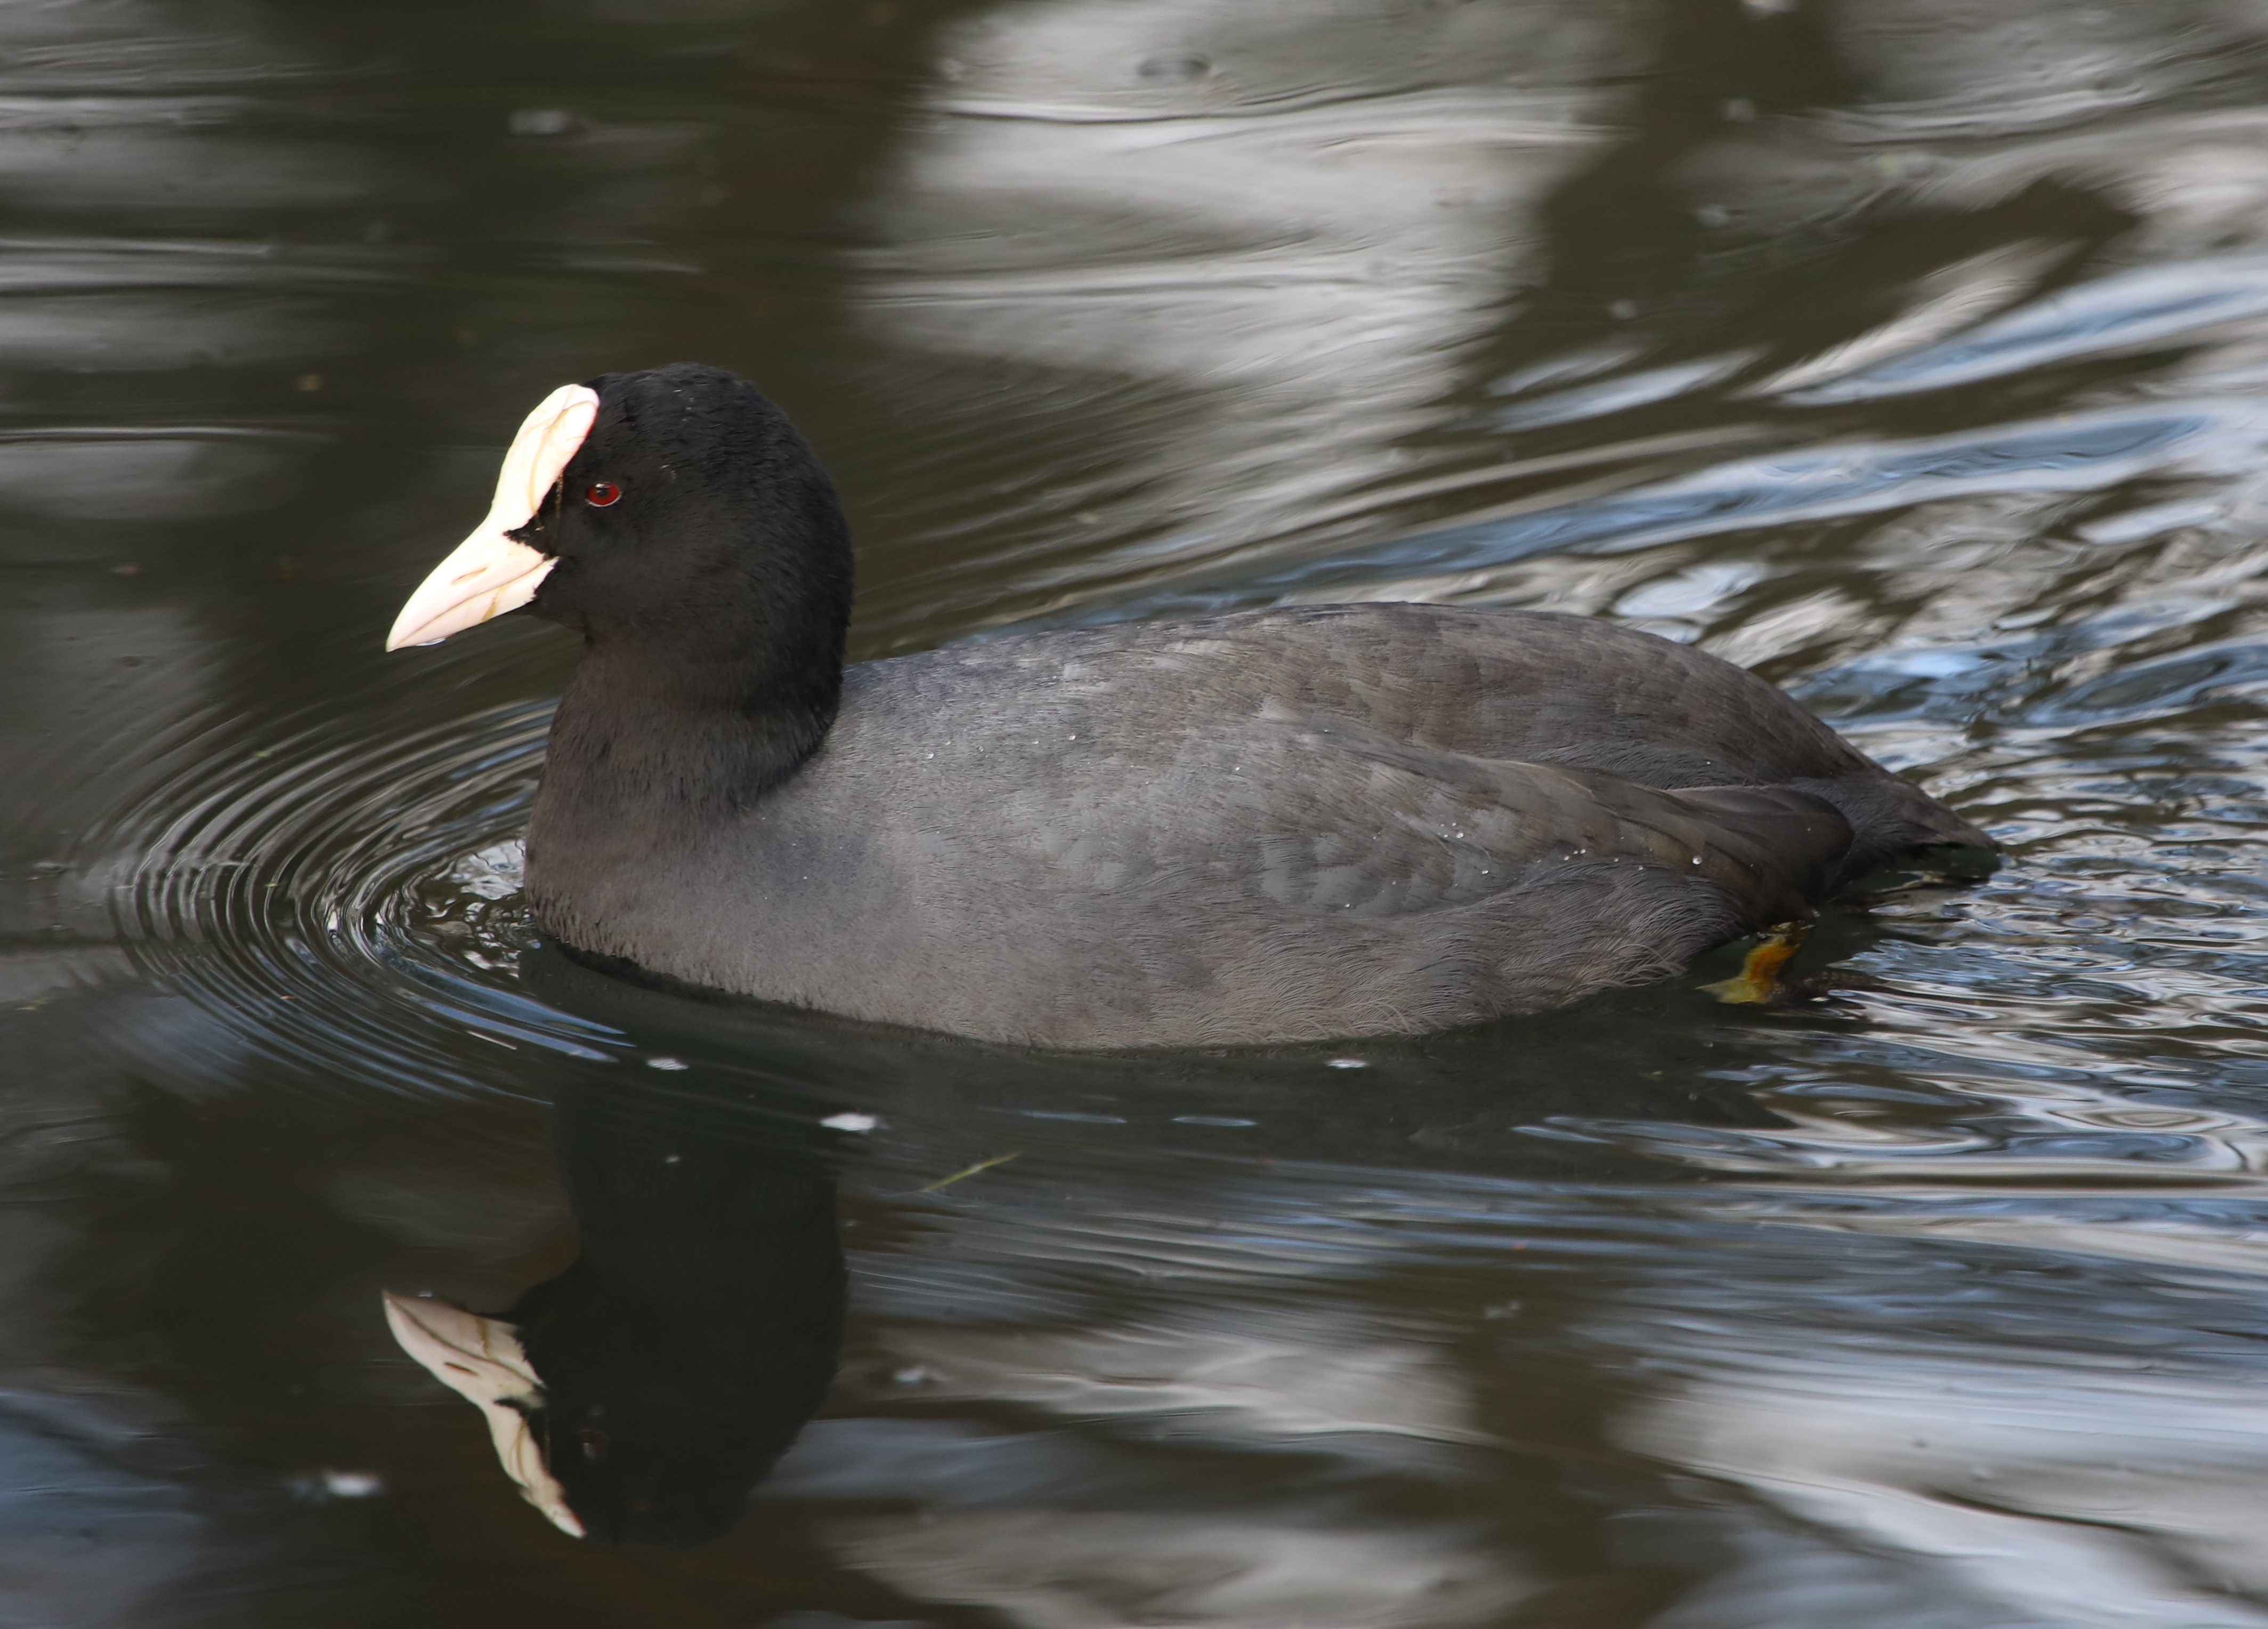 Coots adalah burung air yang agak kecil yang merupakan anggota keluarga rel , Rallidae . Mereka merupakan genus Fulica , nama yang menjadi istilah Latin untuk